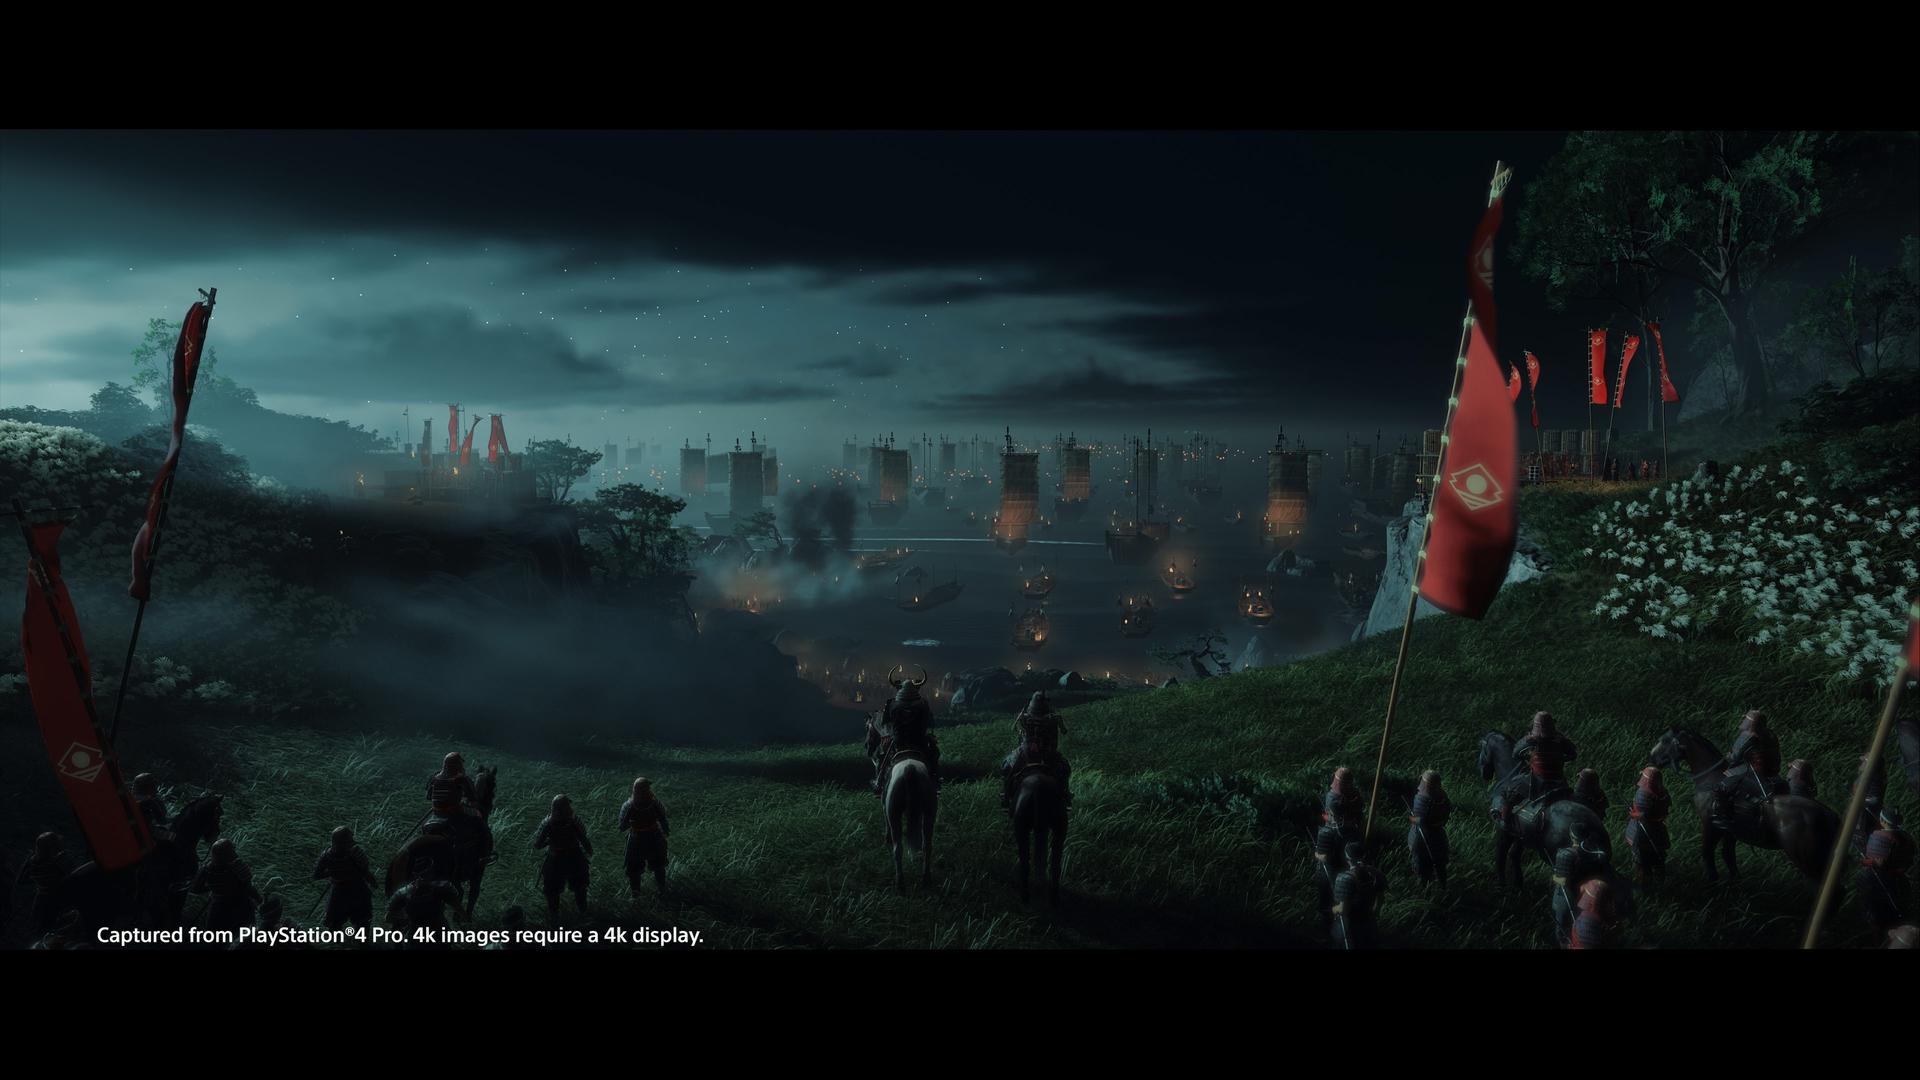 Прокат Ghost of Tsushima на PS4